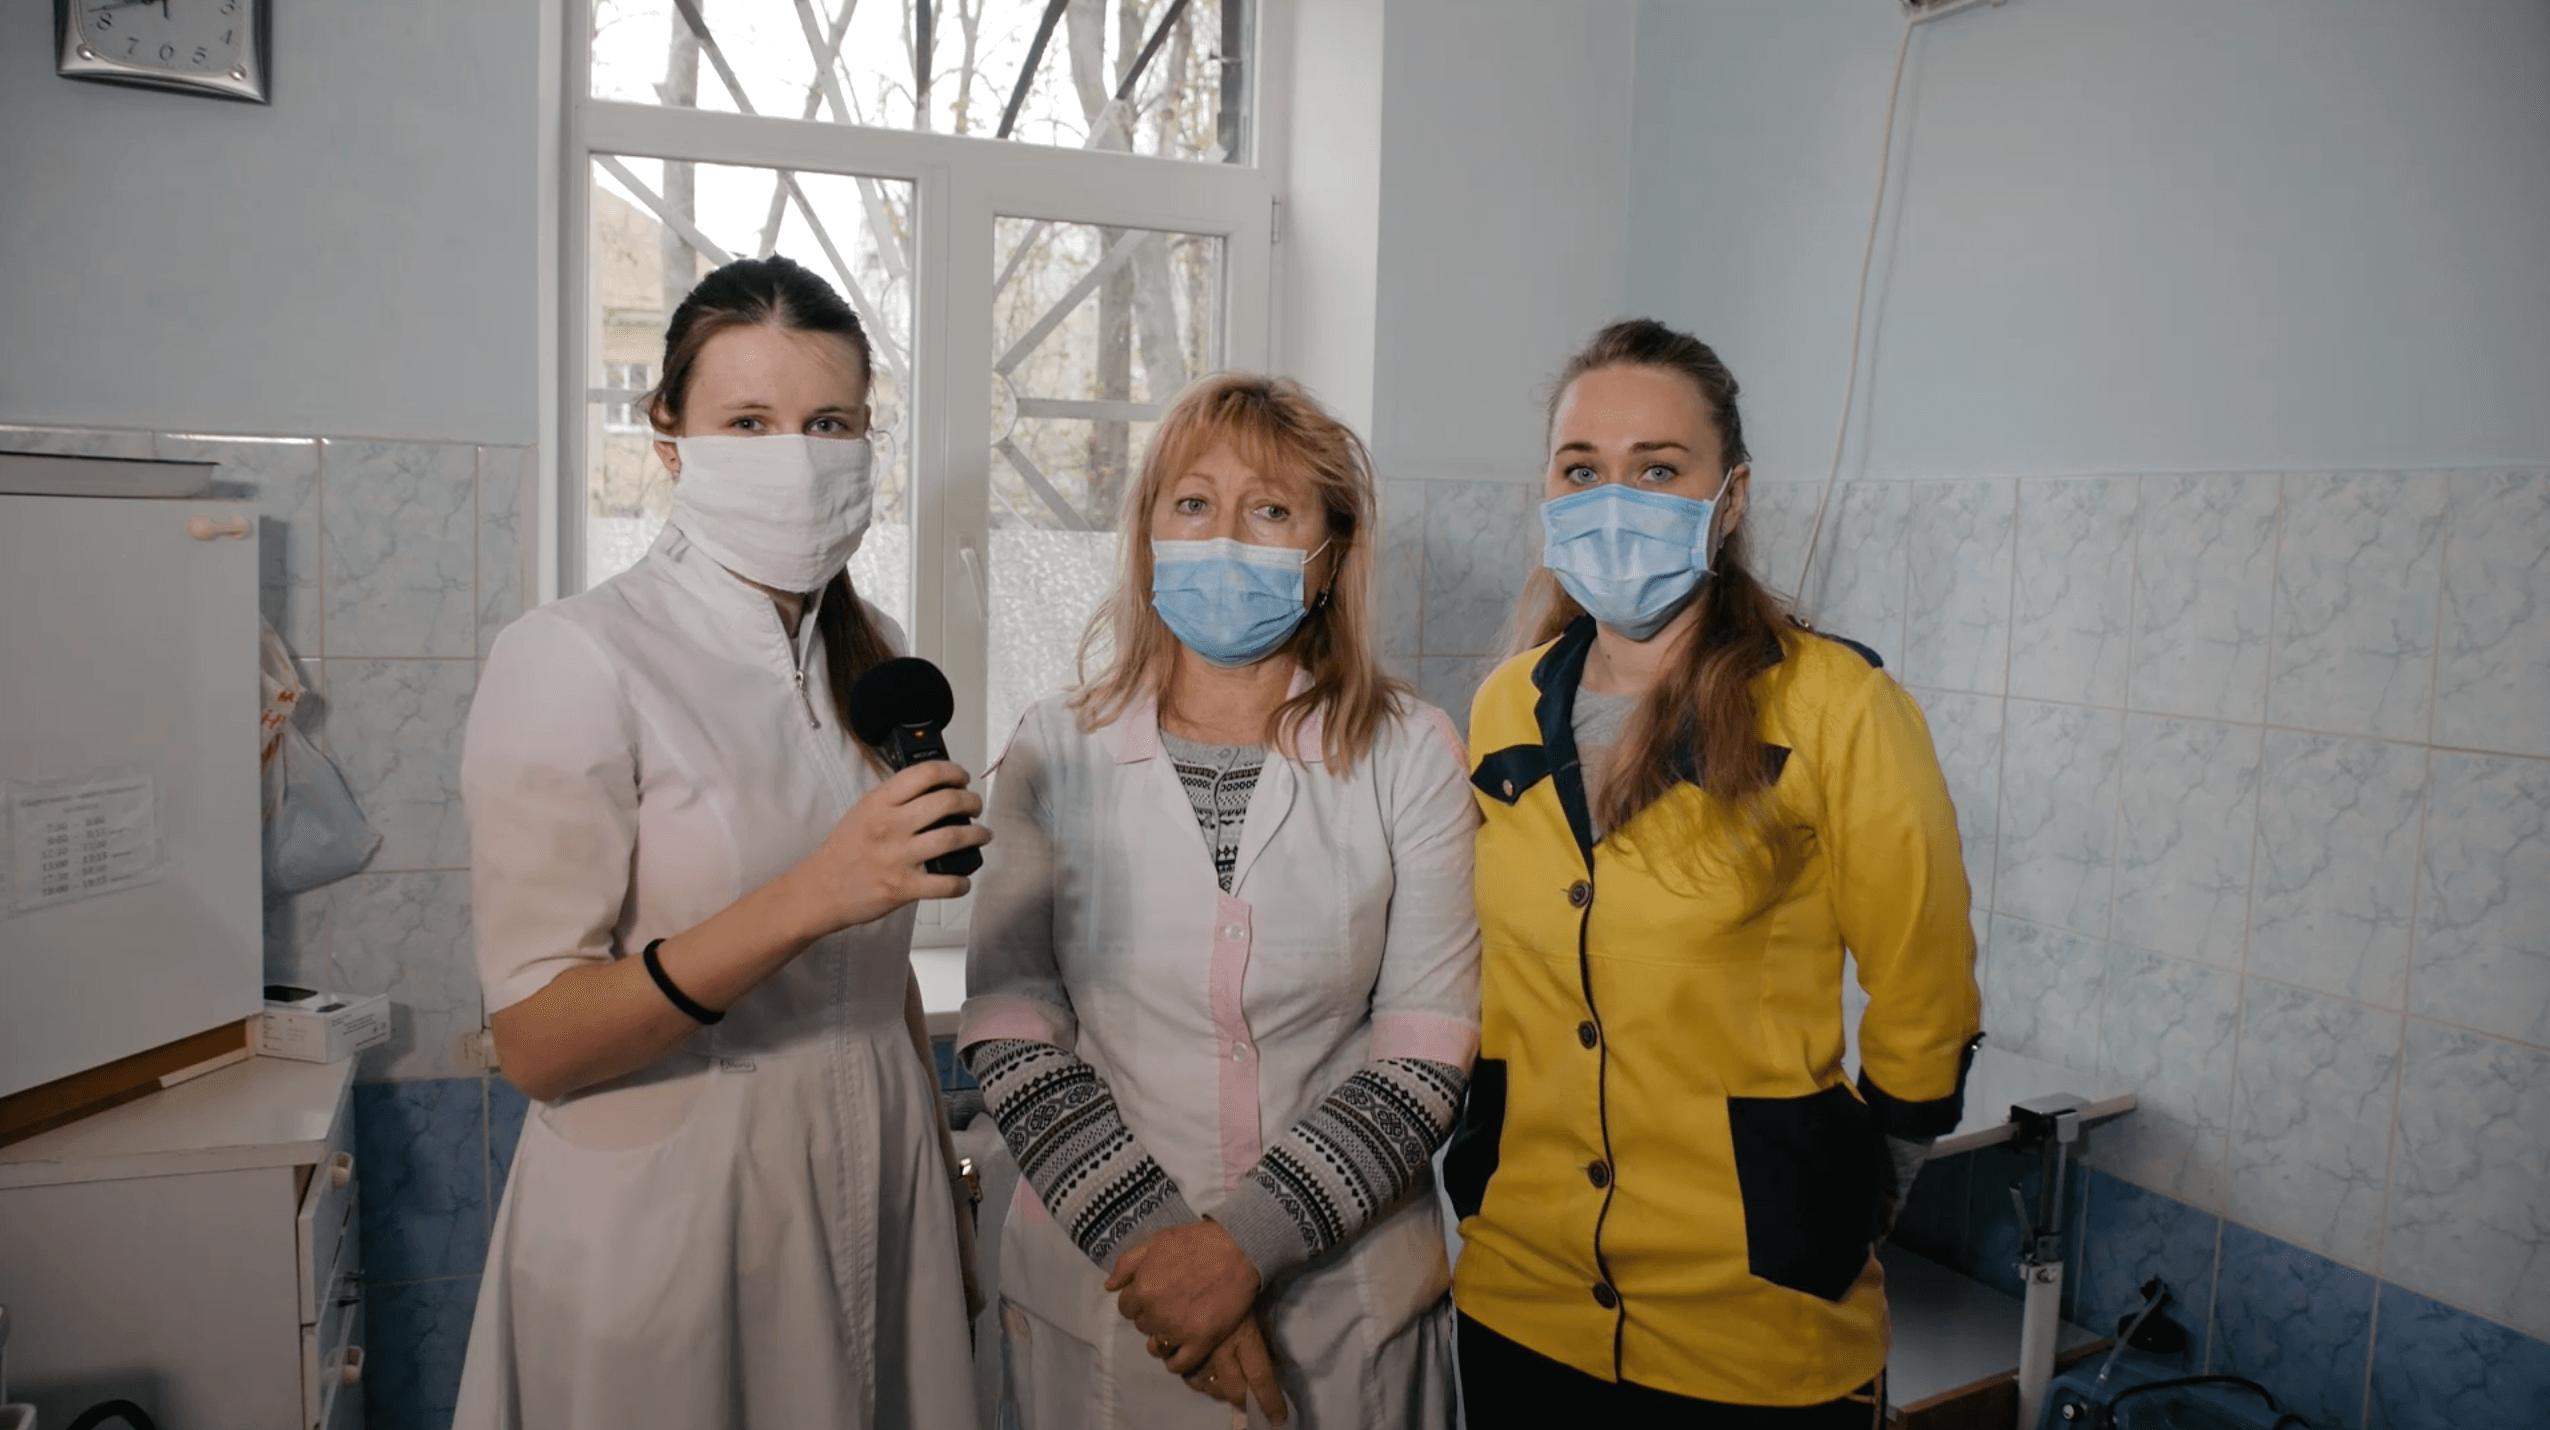 Обращение медиков к президенту Зеленскому